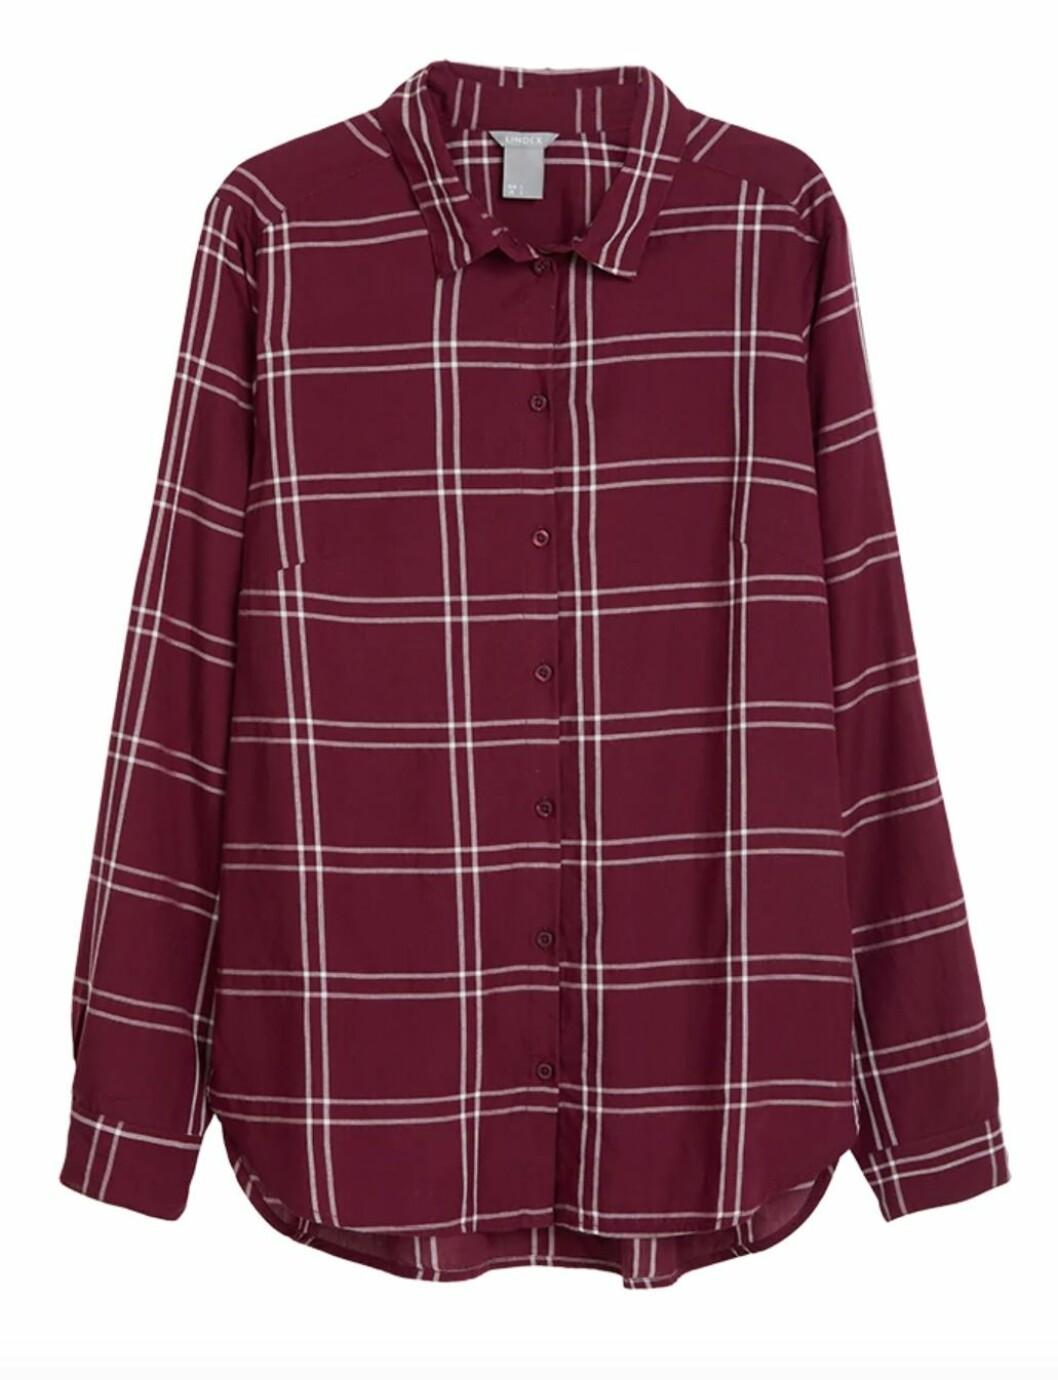 Rutig skjorta till hösten